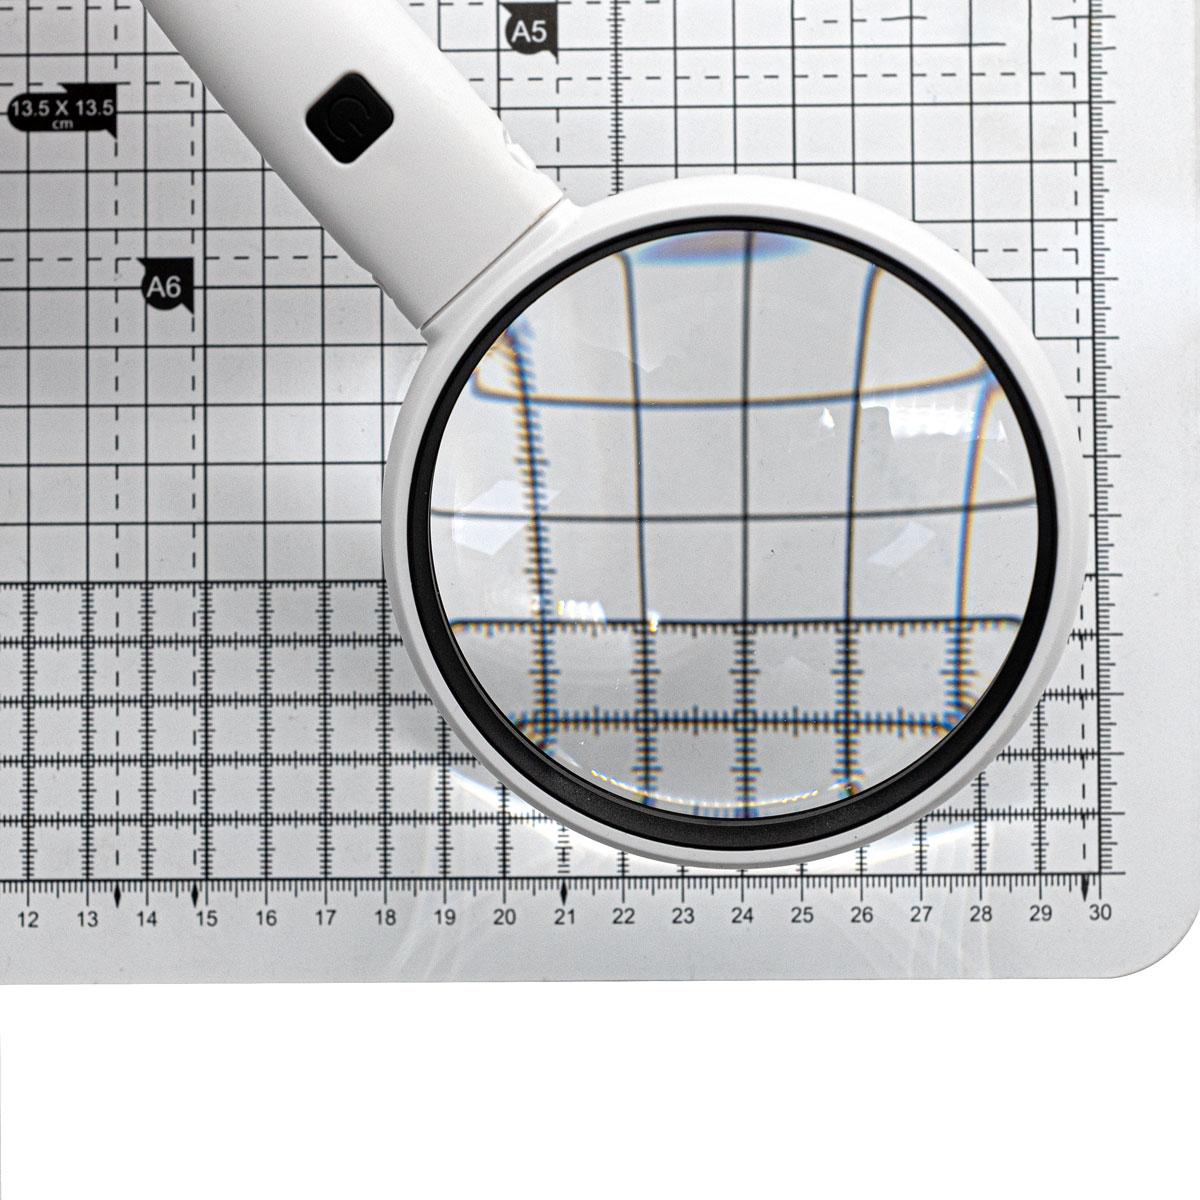 77790 Лупа ручная 3.5х, диам. 90мм, с подсветкой (2 LED), цв. белый